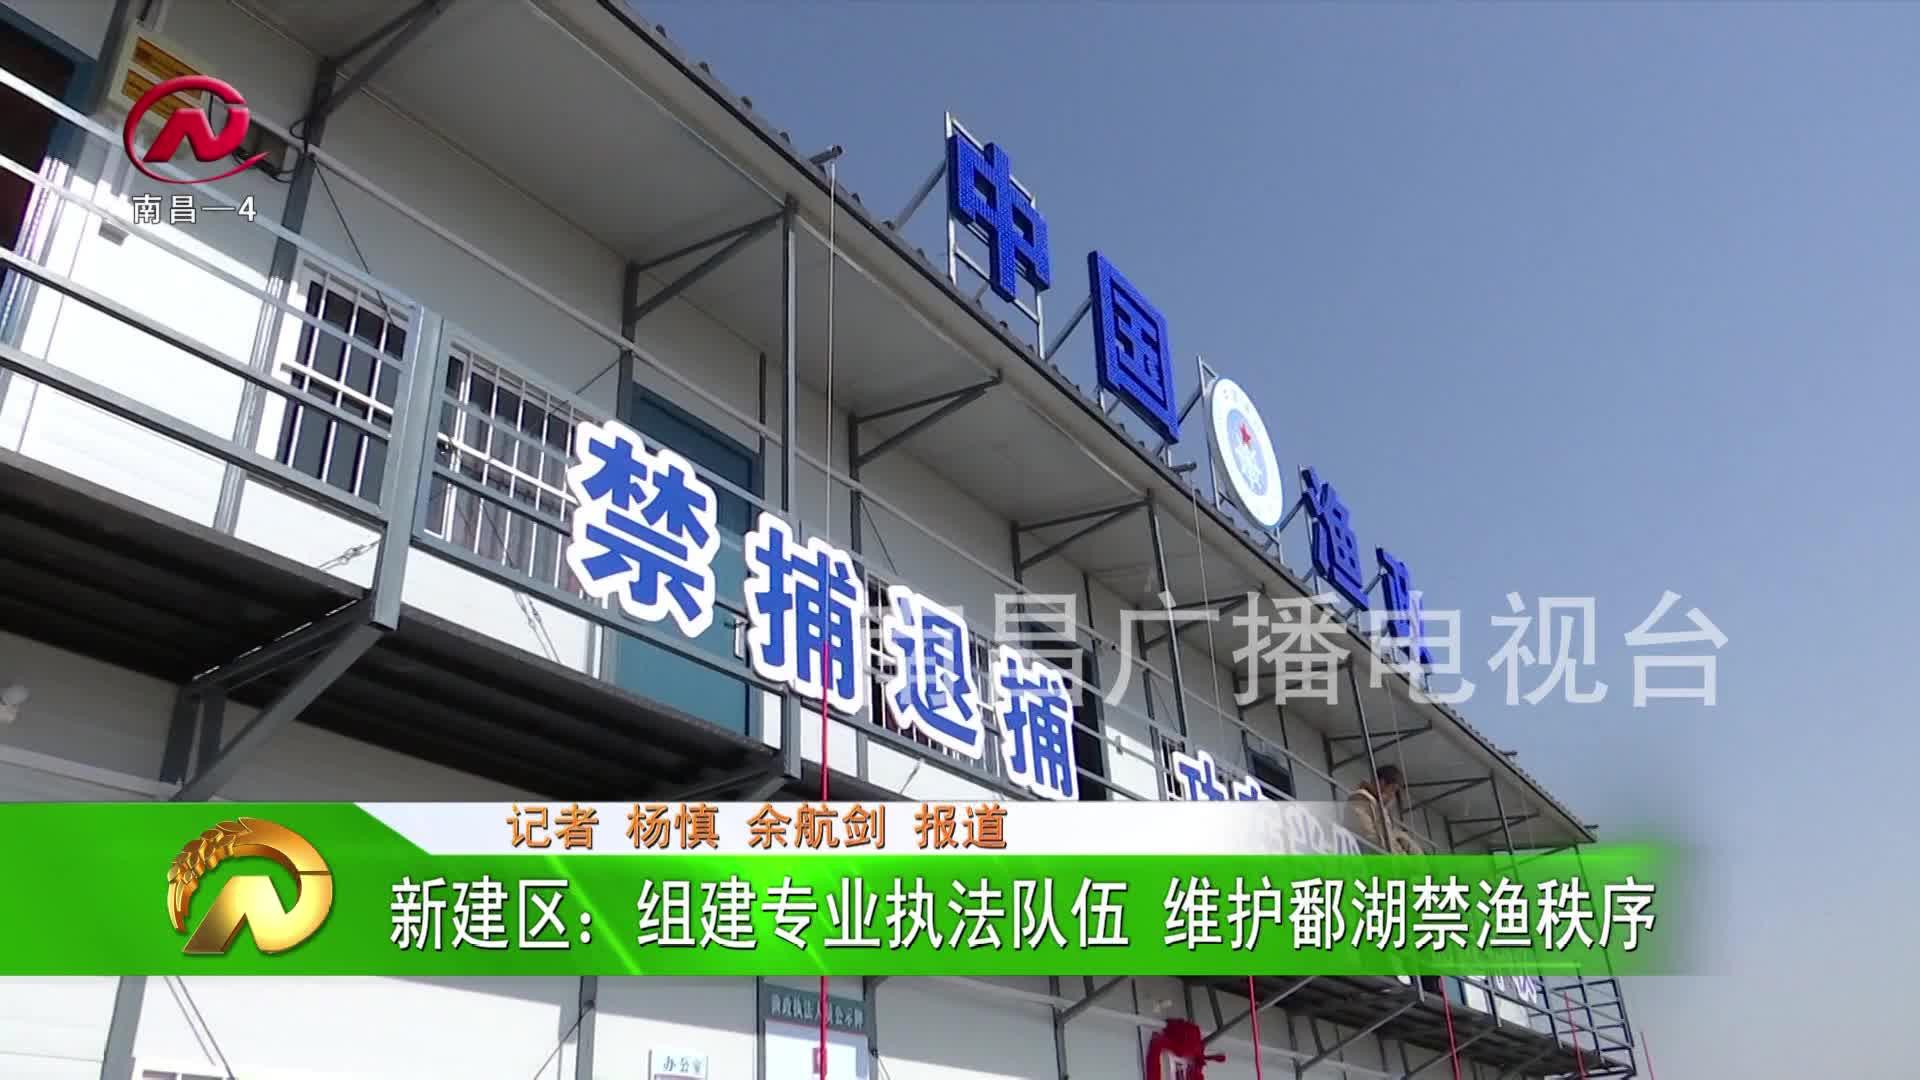 【豫章农视】新建区:组建专业执法队伍 维护鄱湖禁渔秩序